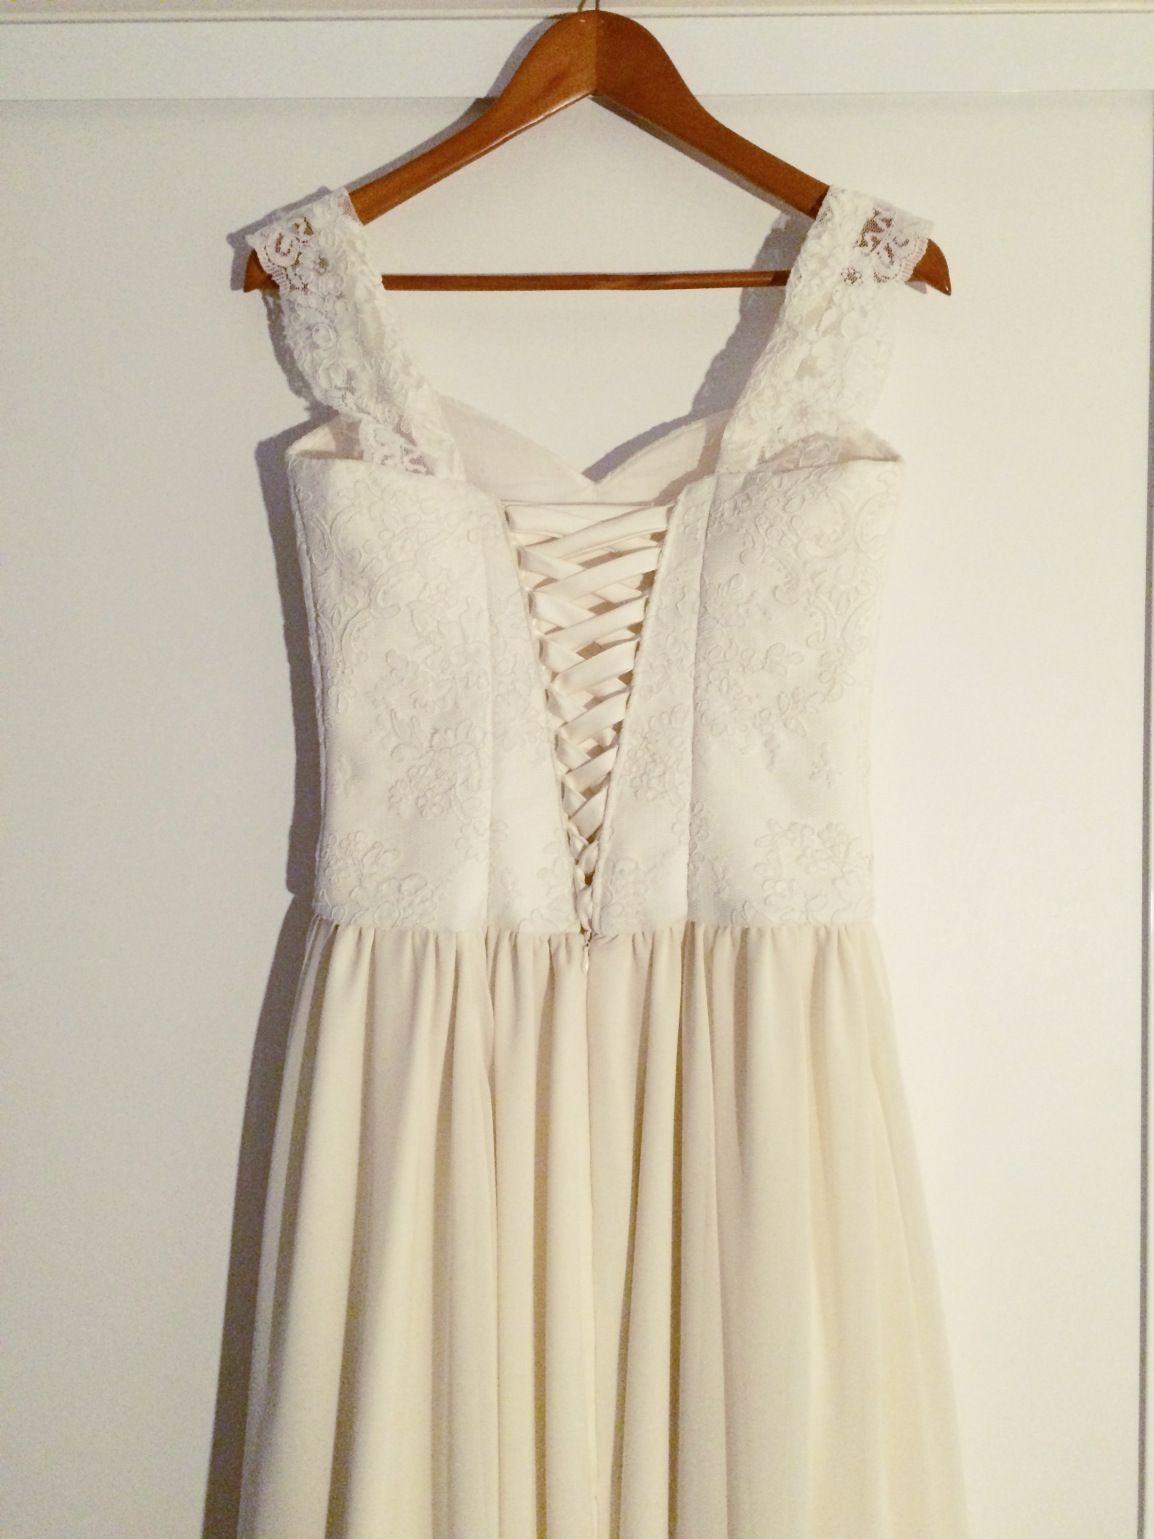 Achievement Unlocked Making My Own Wedding Dress Dresses Sewing Wedding Dress Wedding Dresses